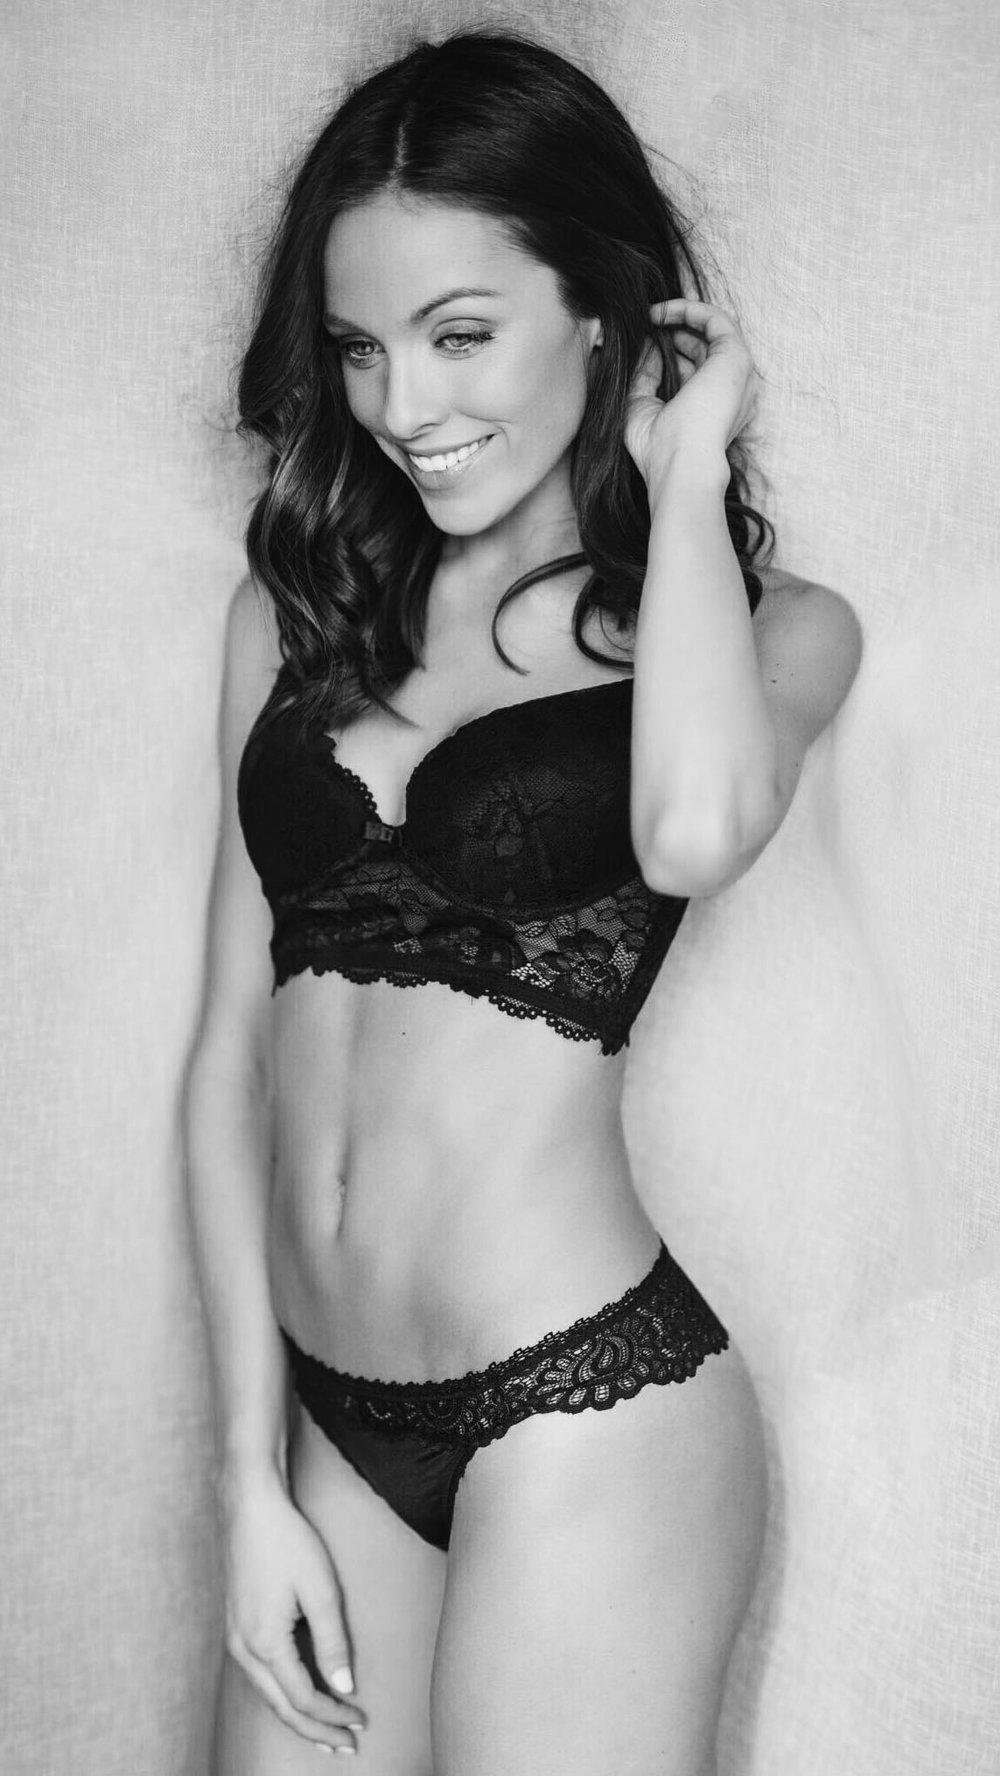 Unterwäschen Model Nicola lachend